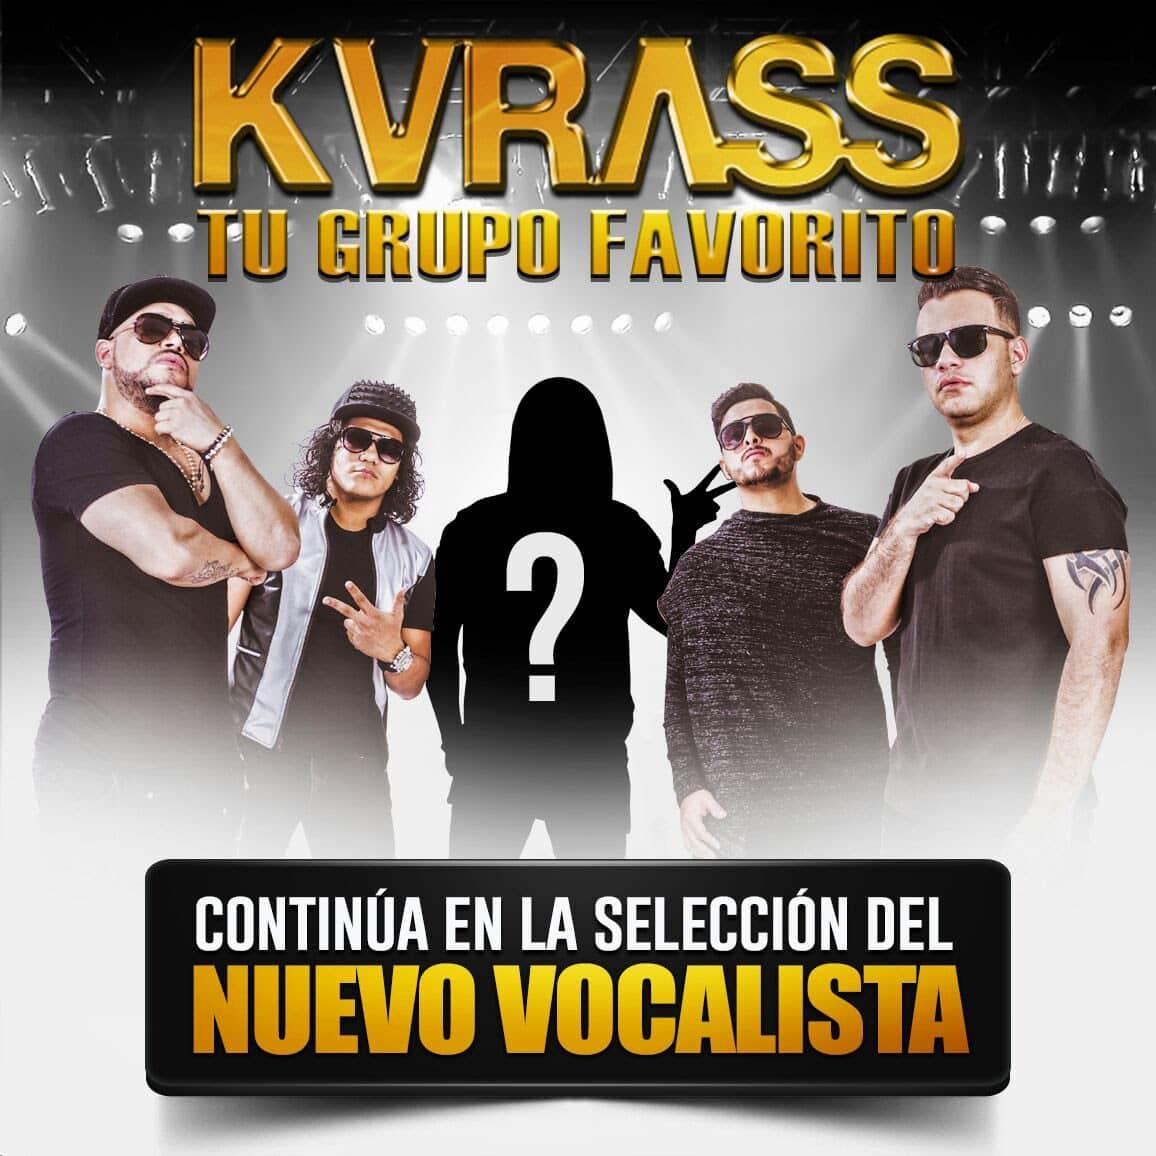 Grupo Kvrass continúa en La Selección del nuevo vocalista